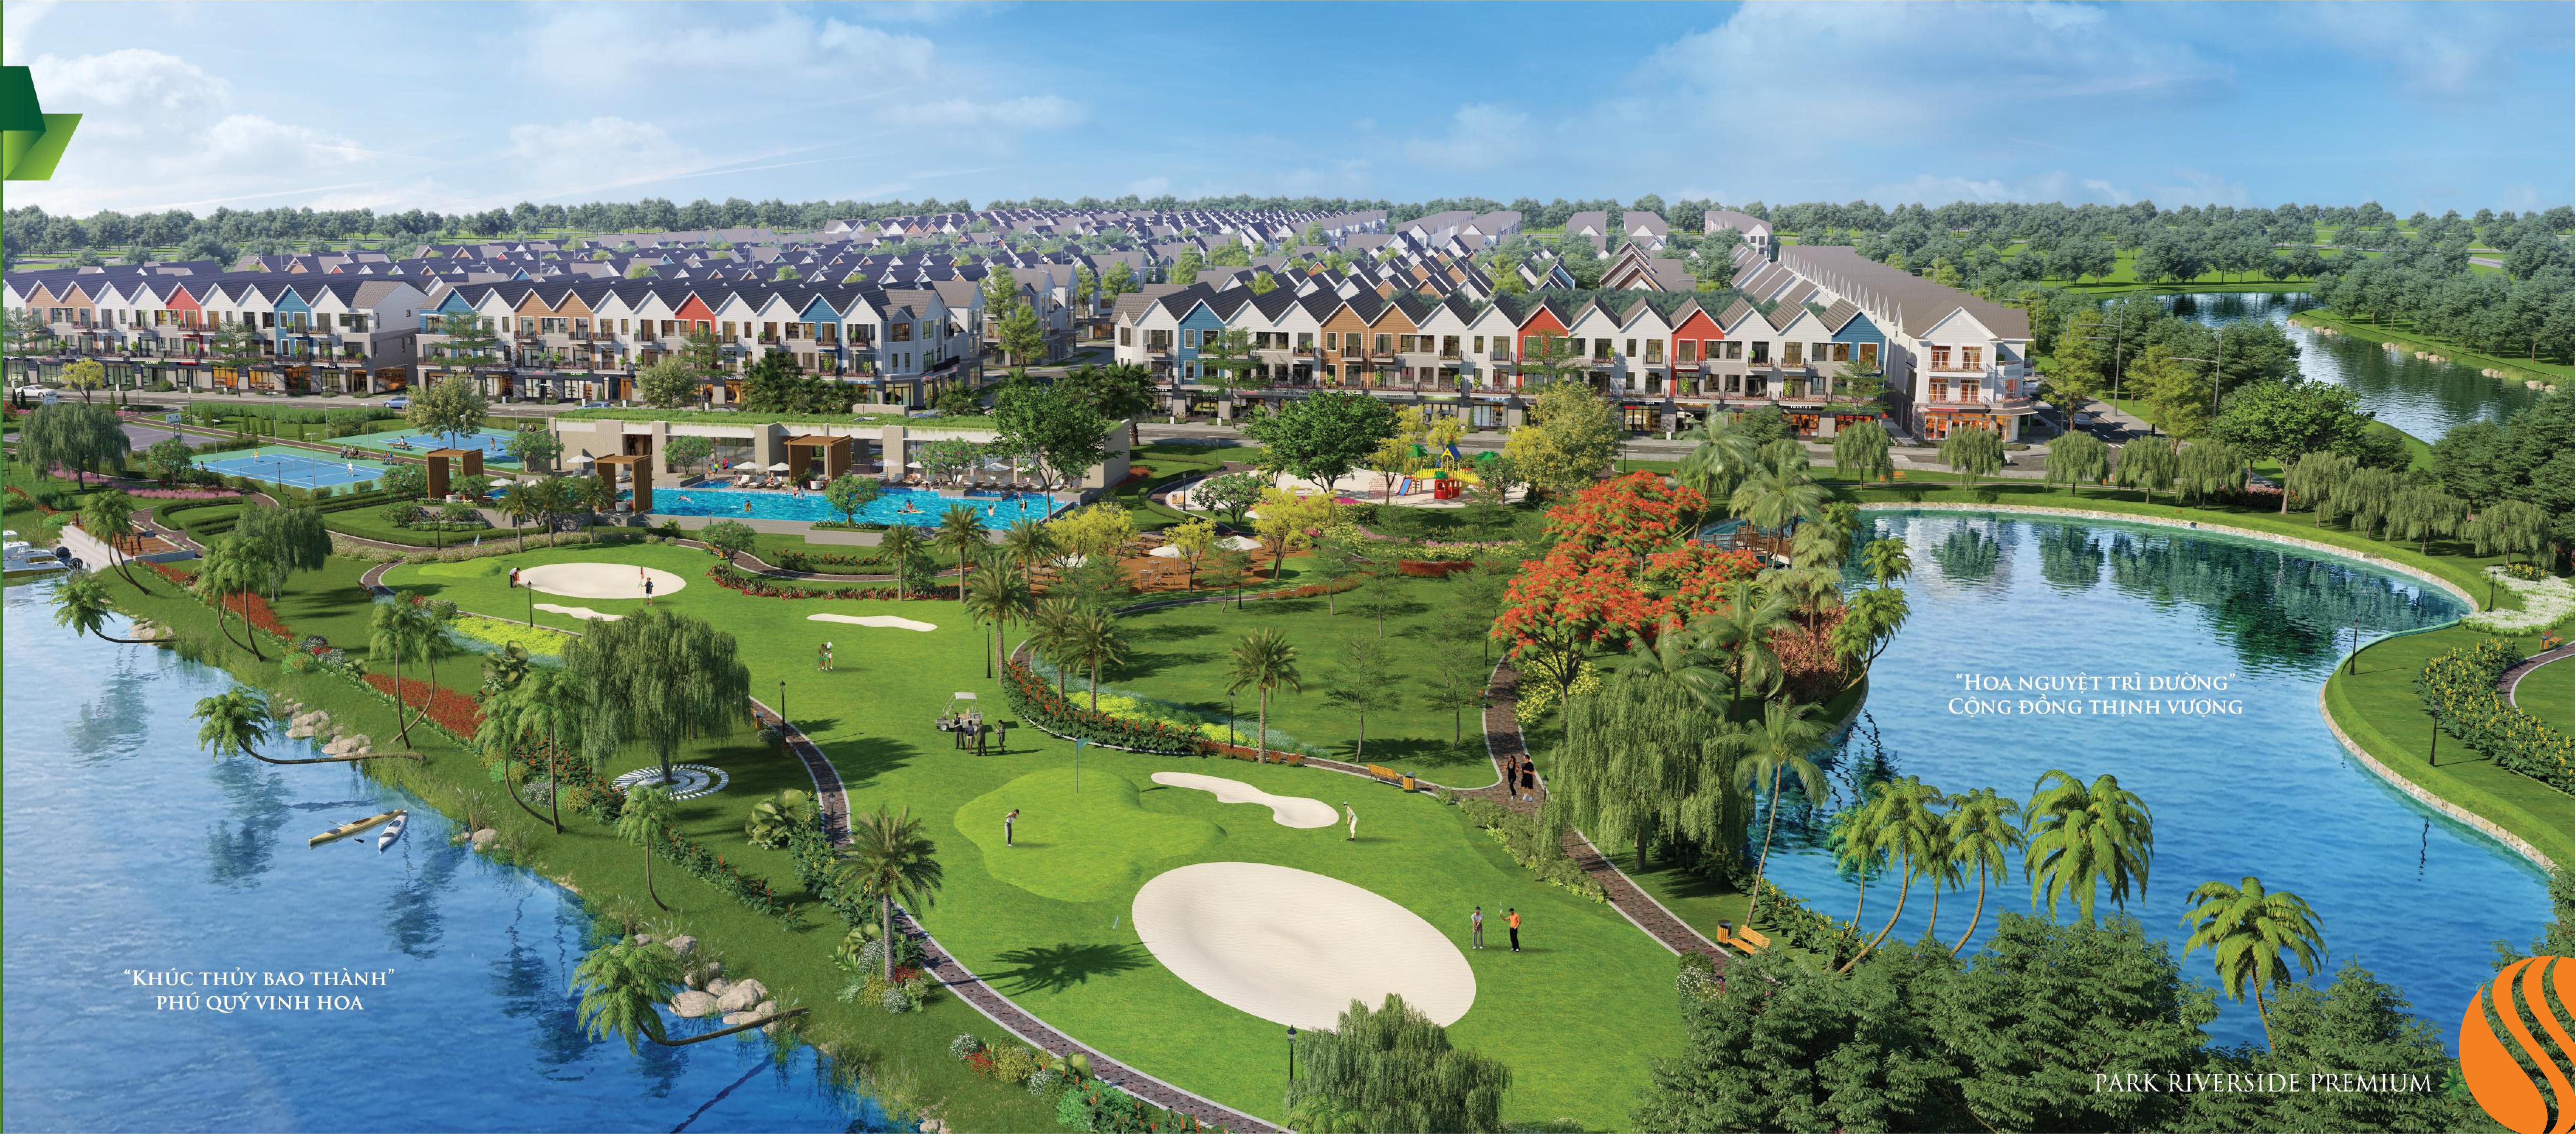 Tiện ích nội khu nổi đa dạng chỉ có tại Park Riverside Premiums